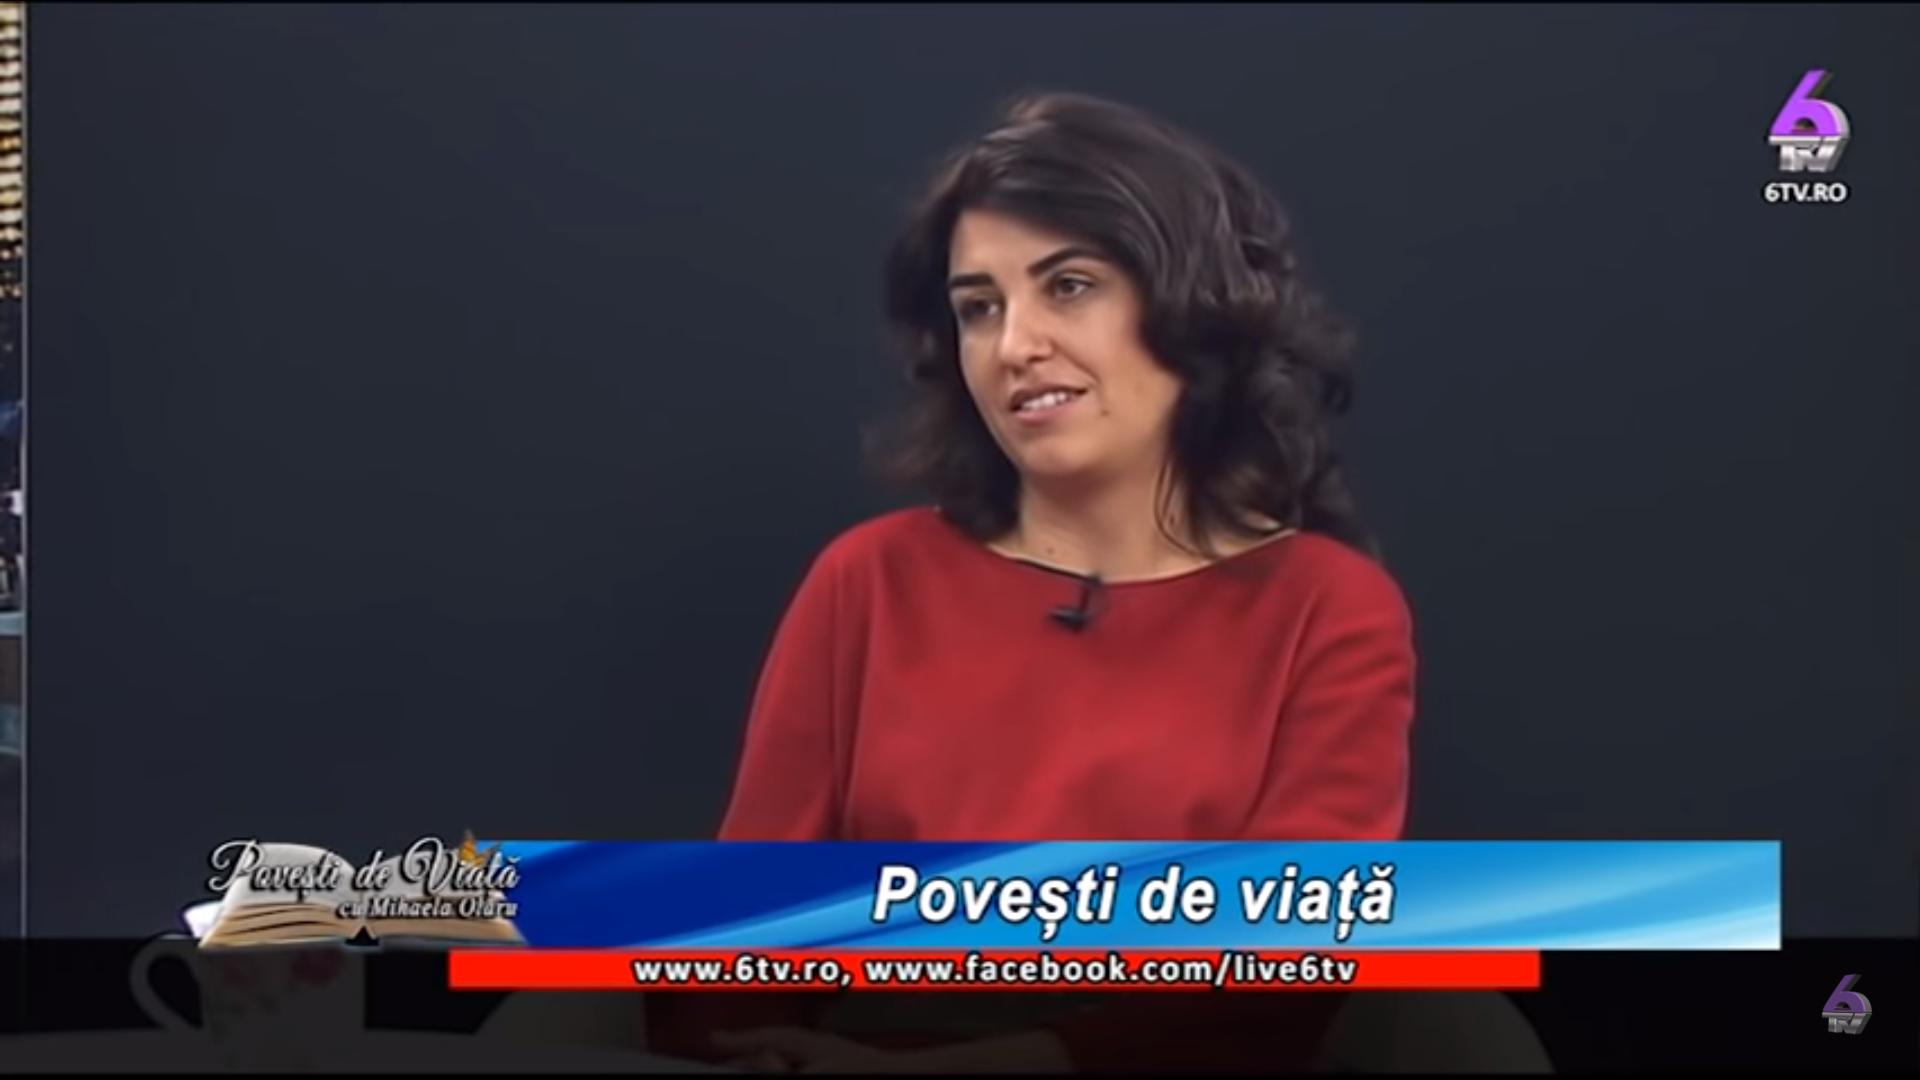 7. Doctor Anca Elena Ștefan - Institutul ANA ASLAN